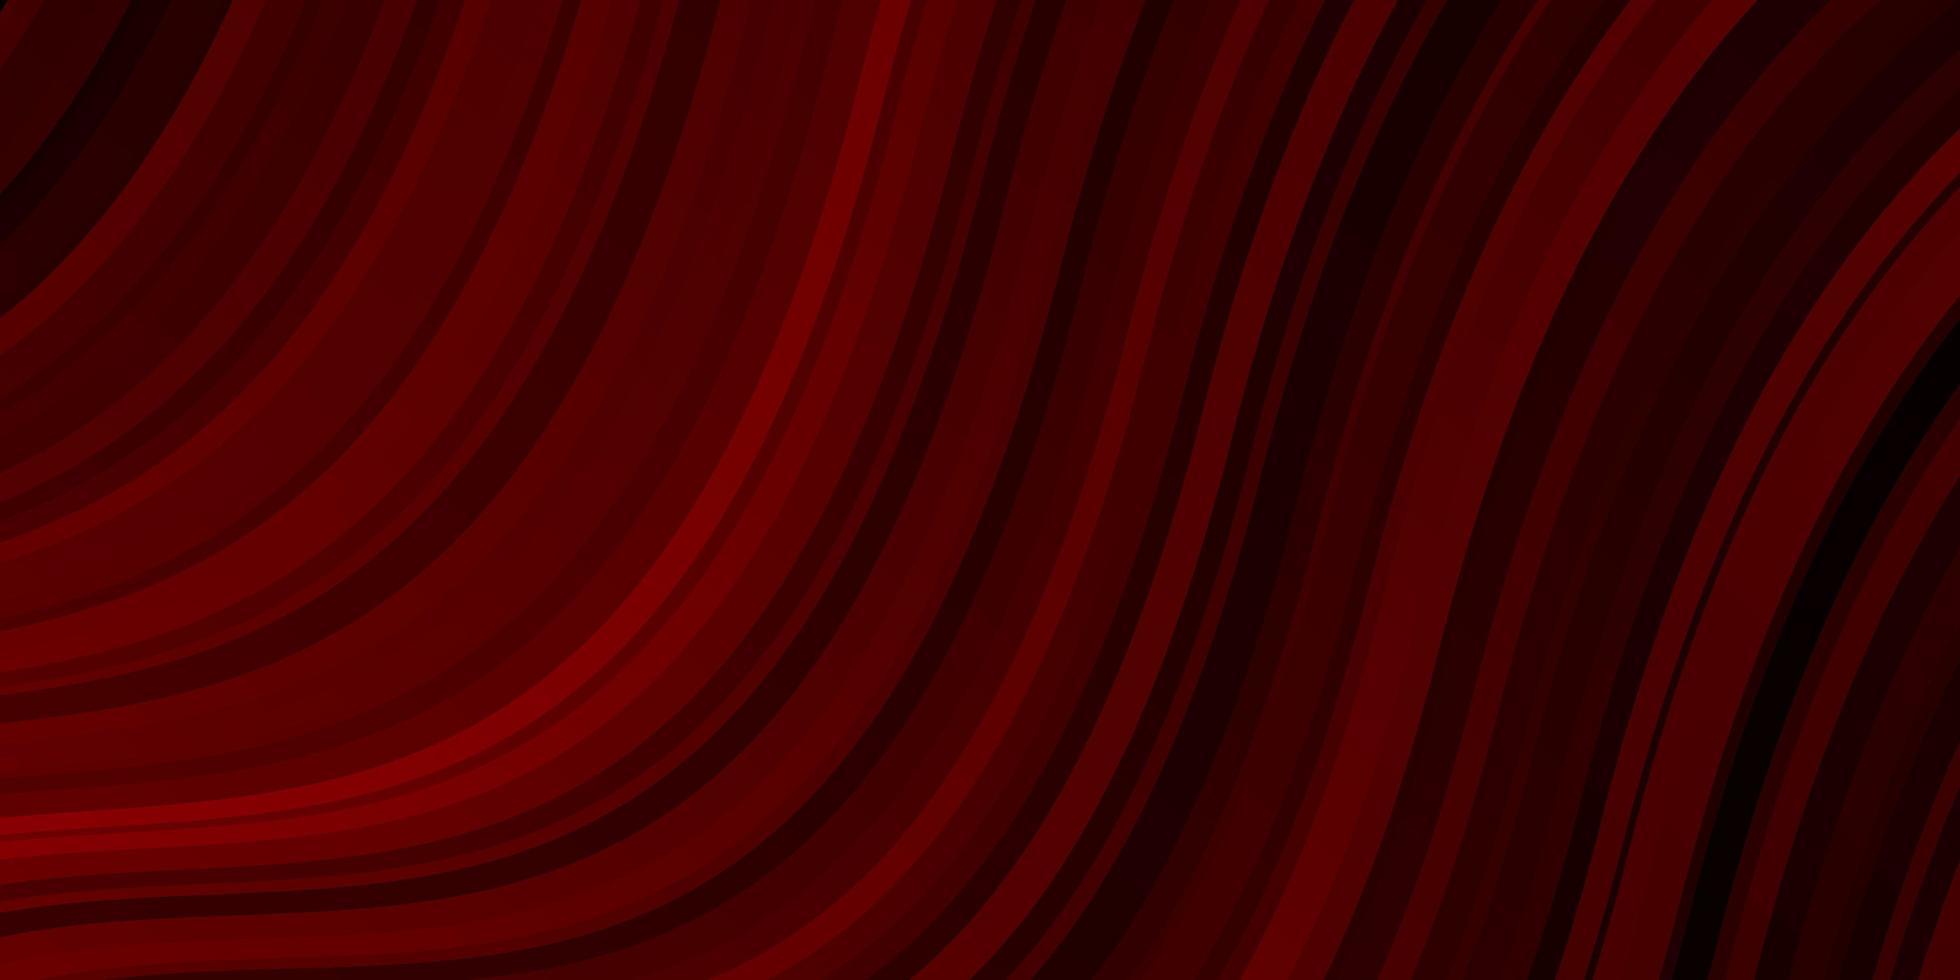 donkerrood patroon met rondingen. vector